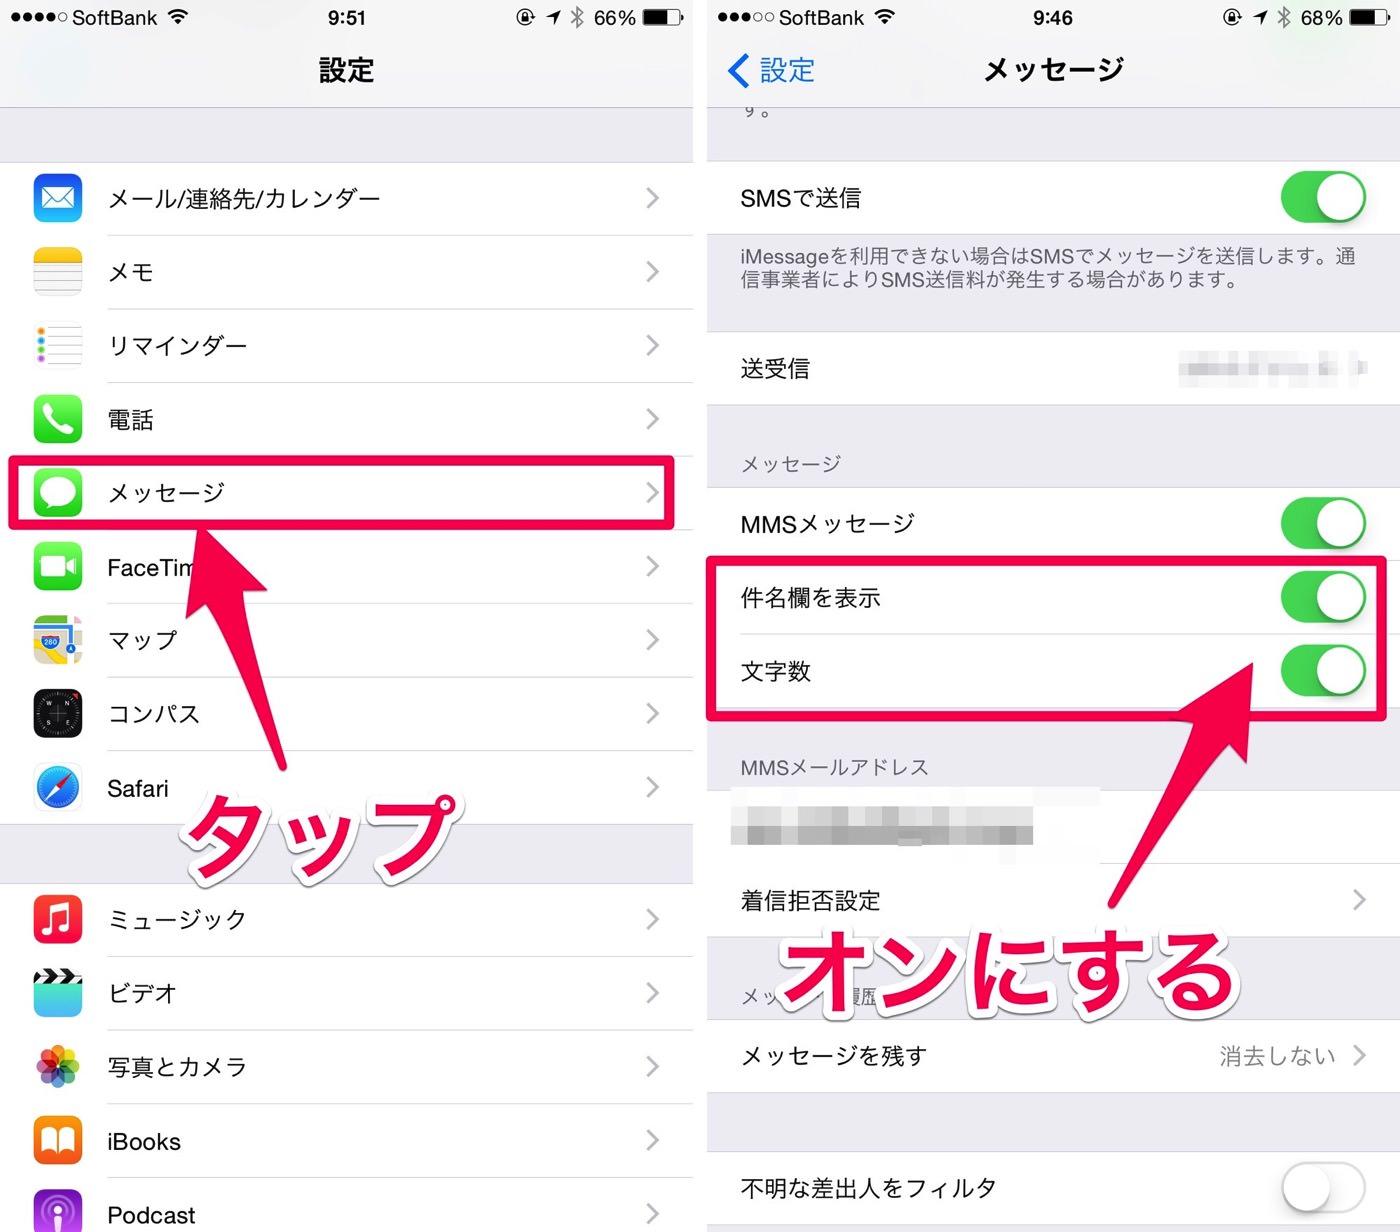 iMessageとSMS/MMS